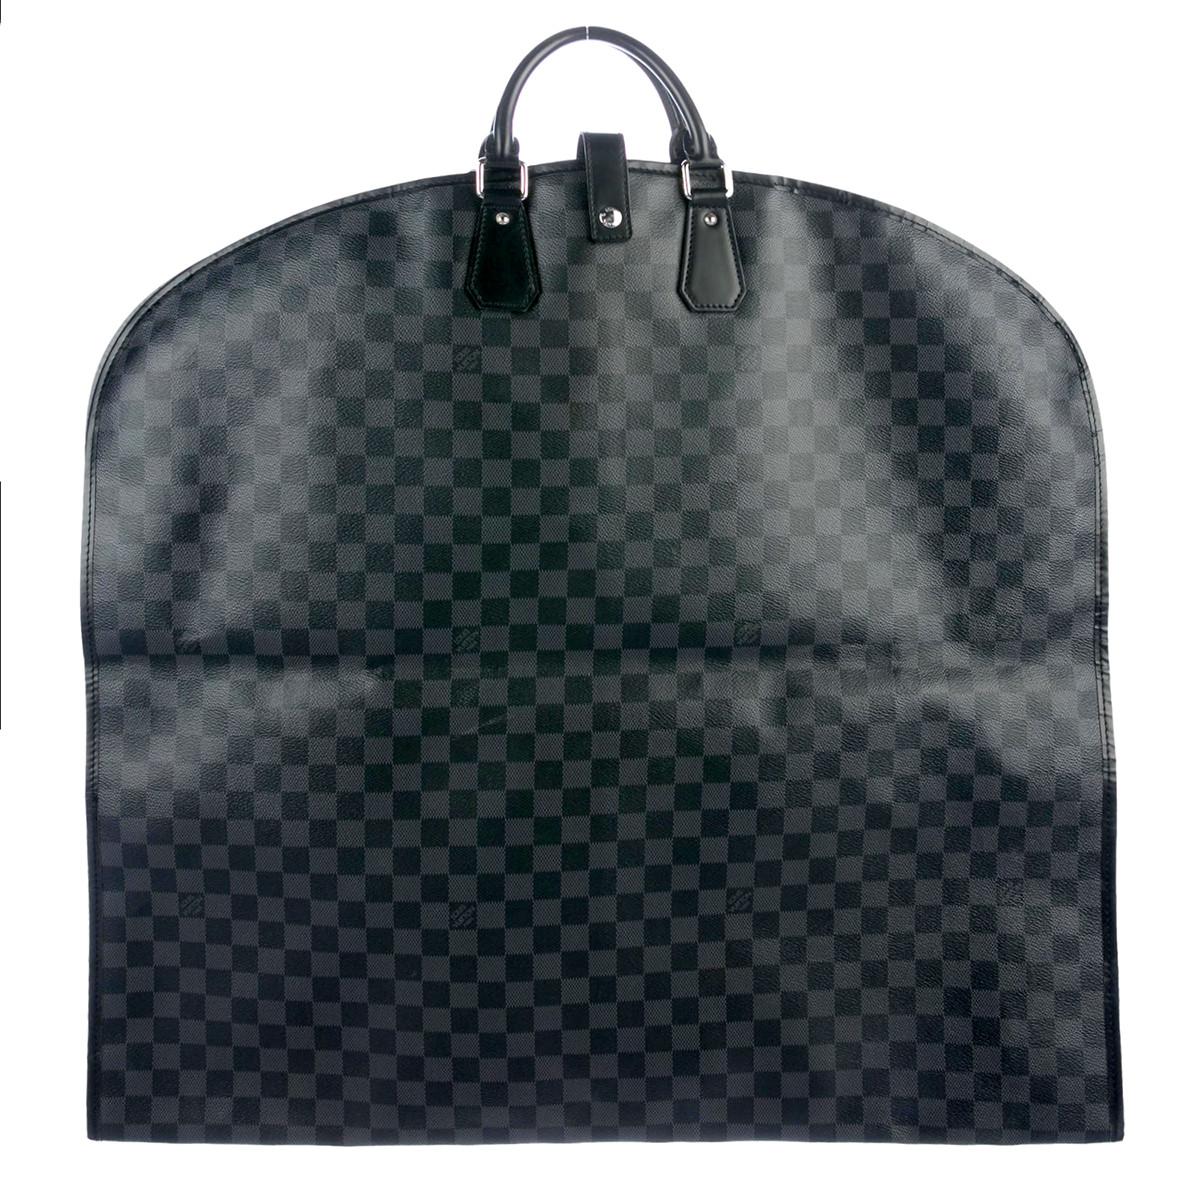 Vintage Louis Vuitton Damier Graphite Garment Cover